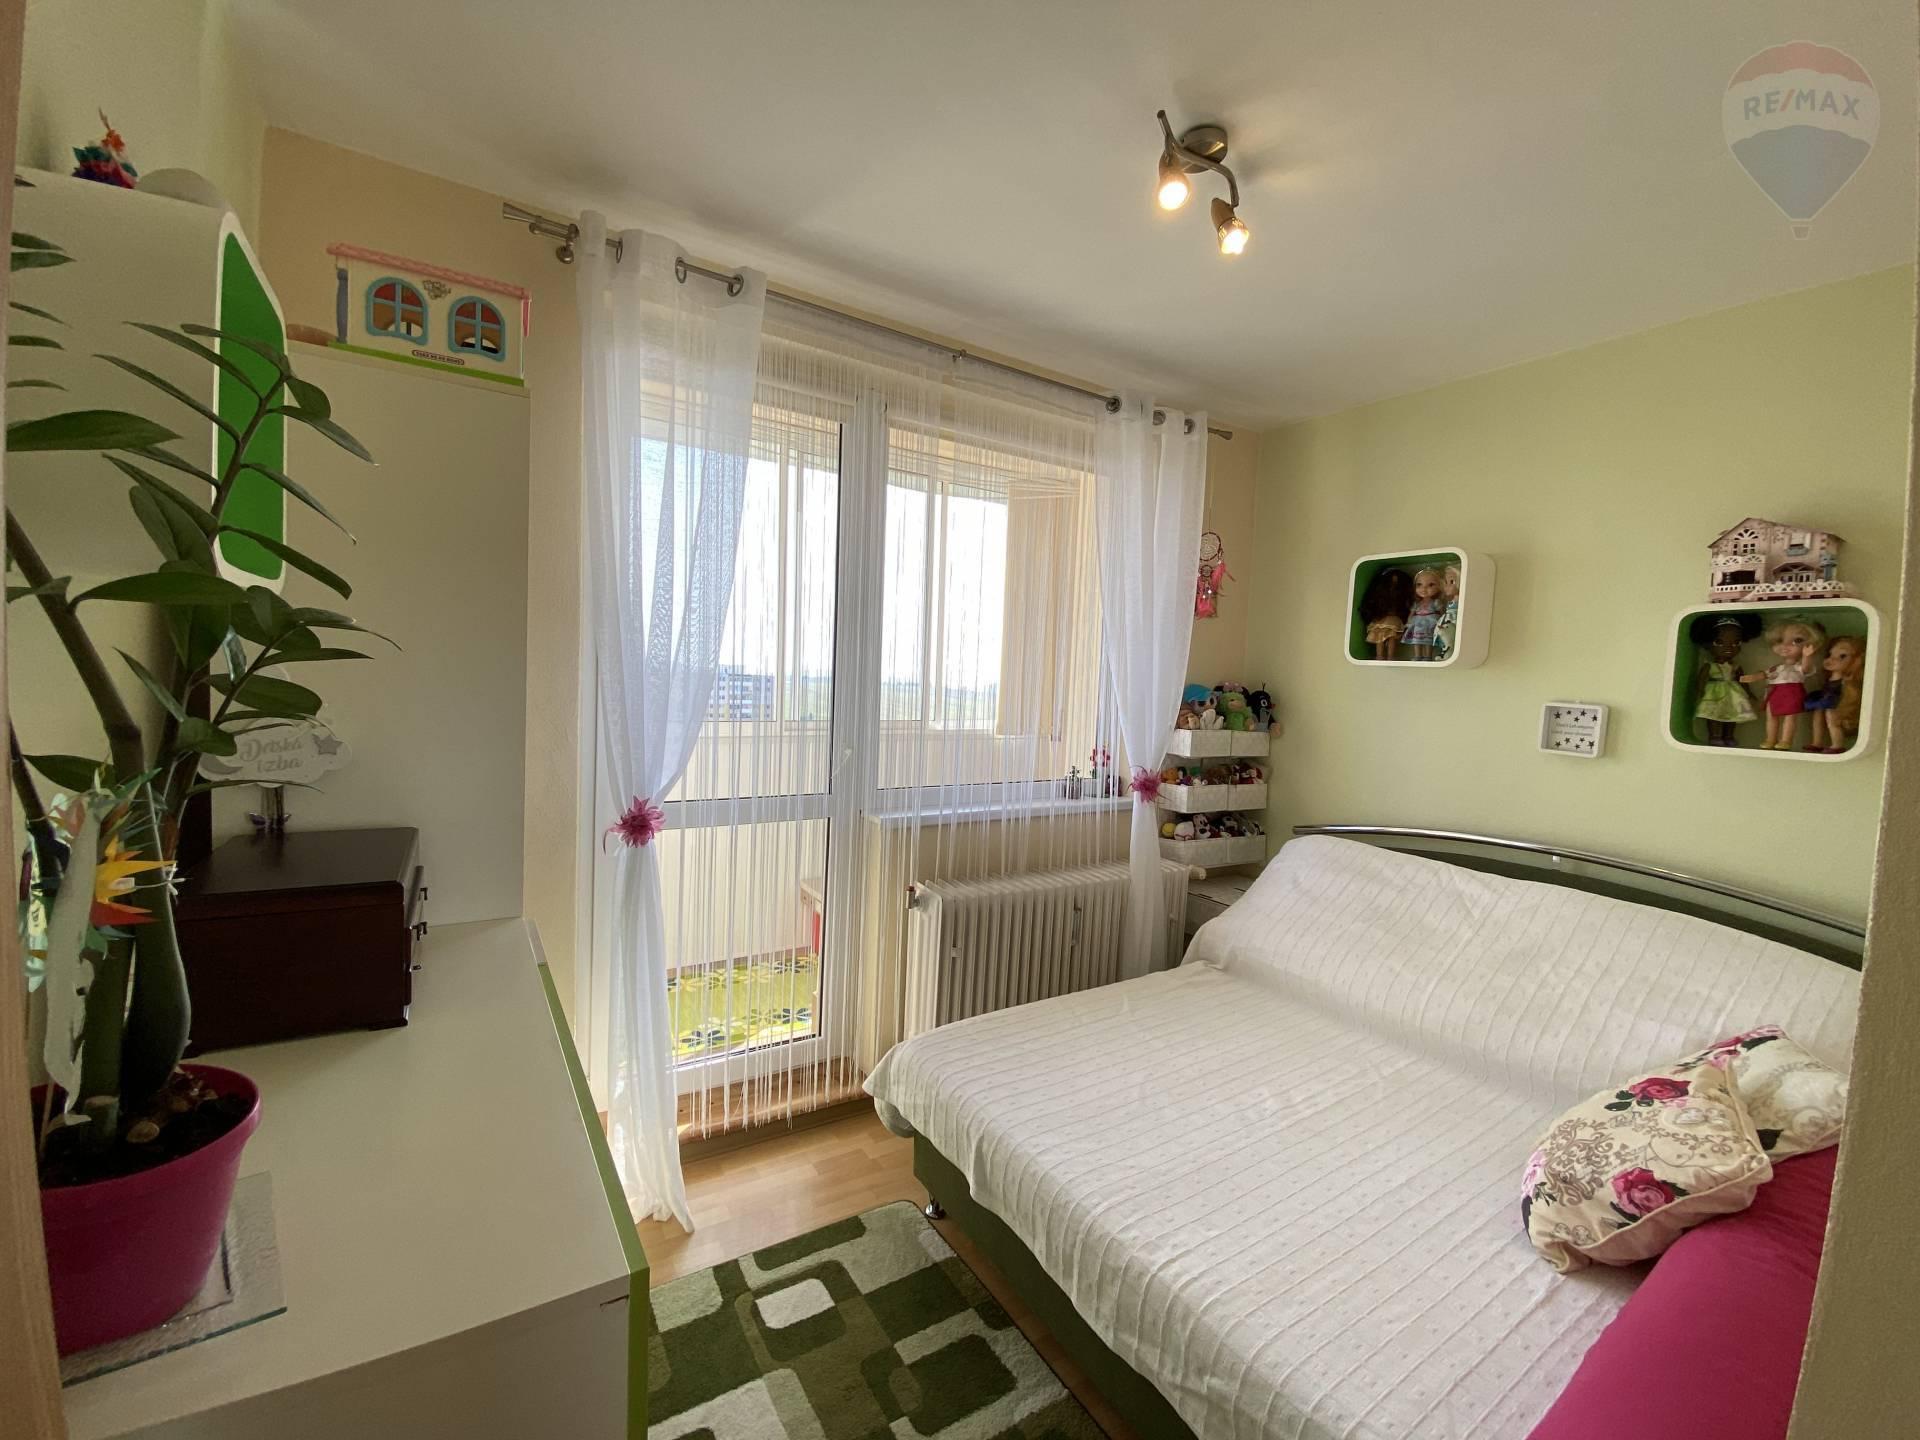 **REZERVOVANÝ** Predaj 1-izbový byt, loggia, 40,49 m2, v Poprade, ul. Rázusova